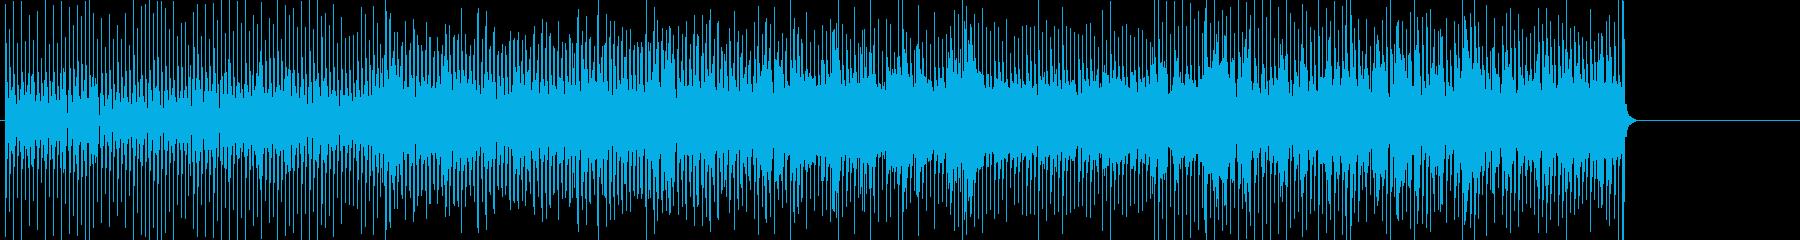 このスイングジャズインストゥルメン...の再生済みの波形